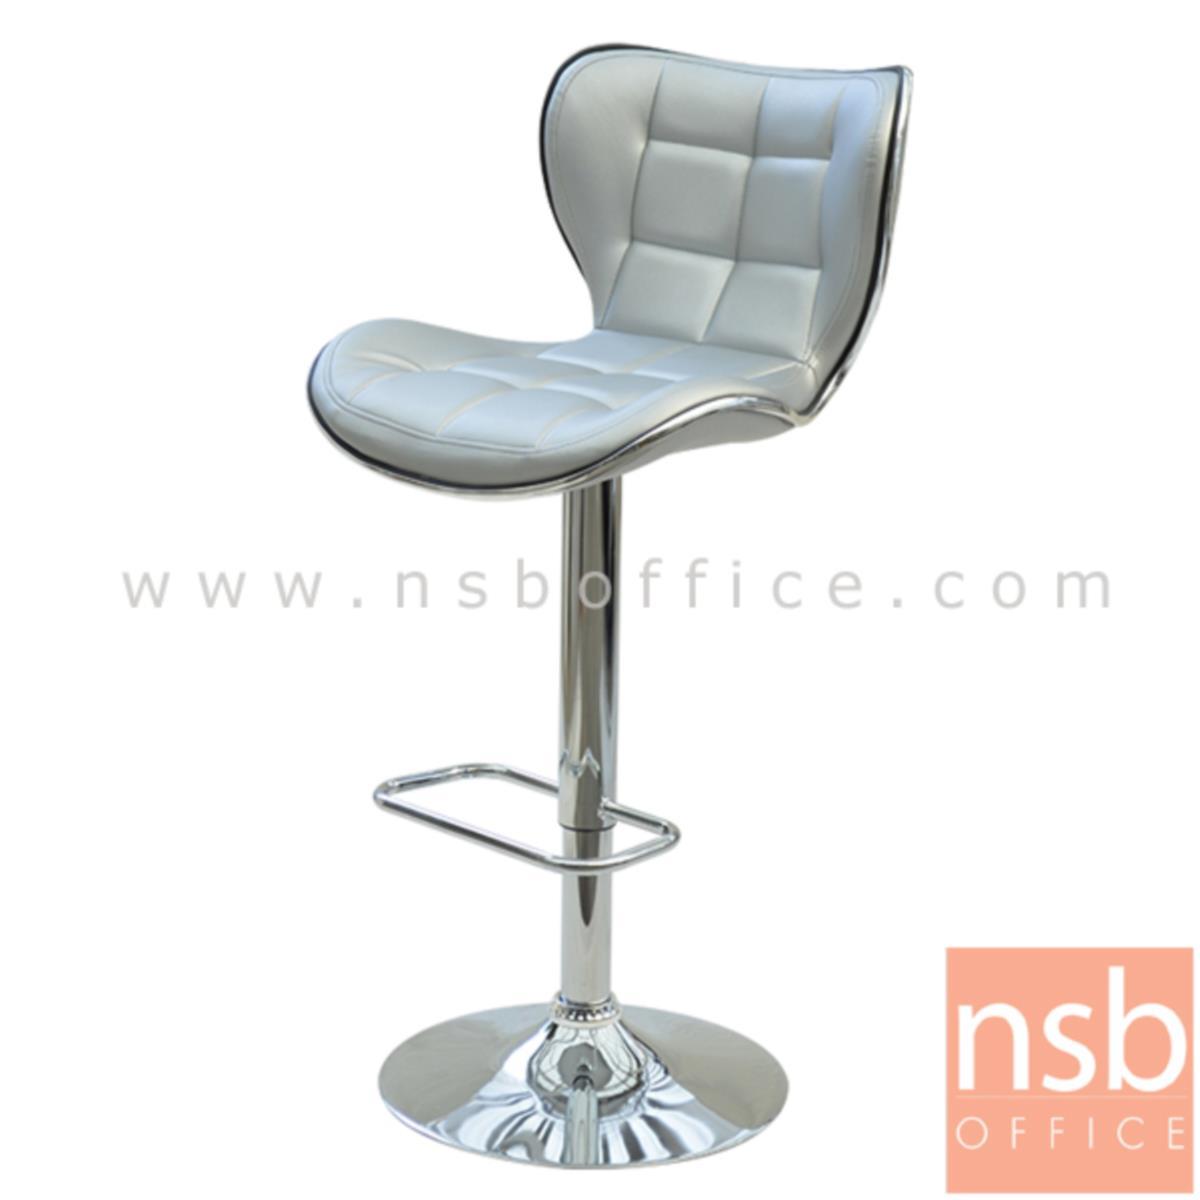 B18A057:เก้าอี้บาร์สูงหนัง PU รุ่น NP-3102 ขนาด 44W cm. โช๊คแก๊ส ขาโครเมี่ยมฐานจานกลม